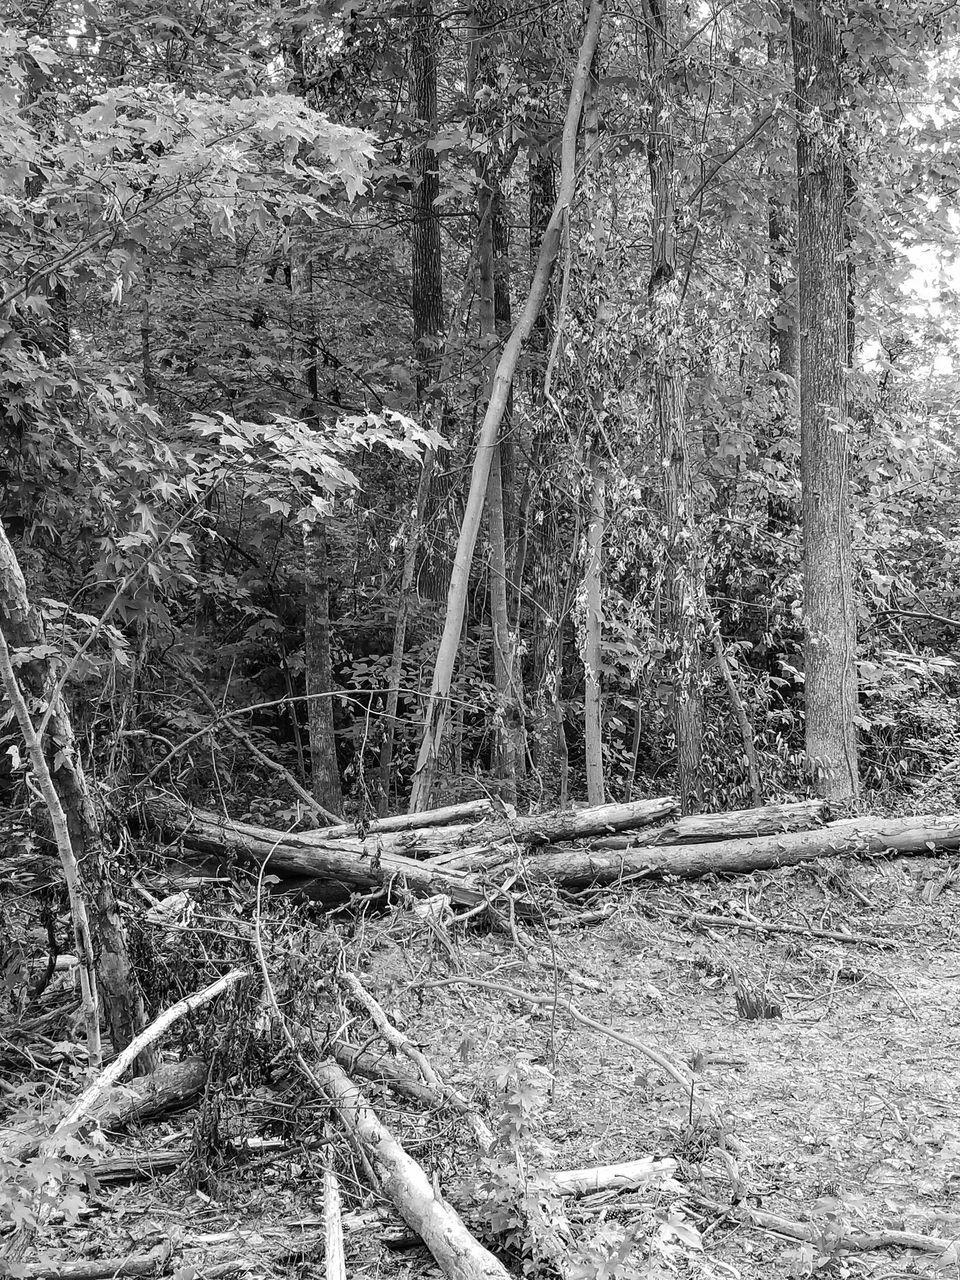 FALLEN TREE IN FIELD